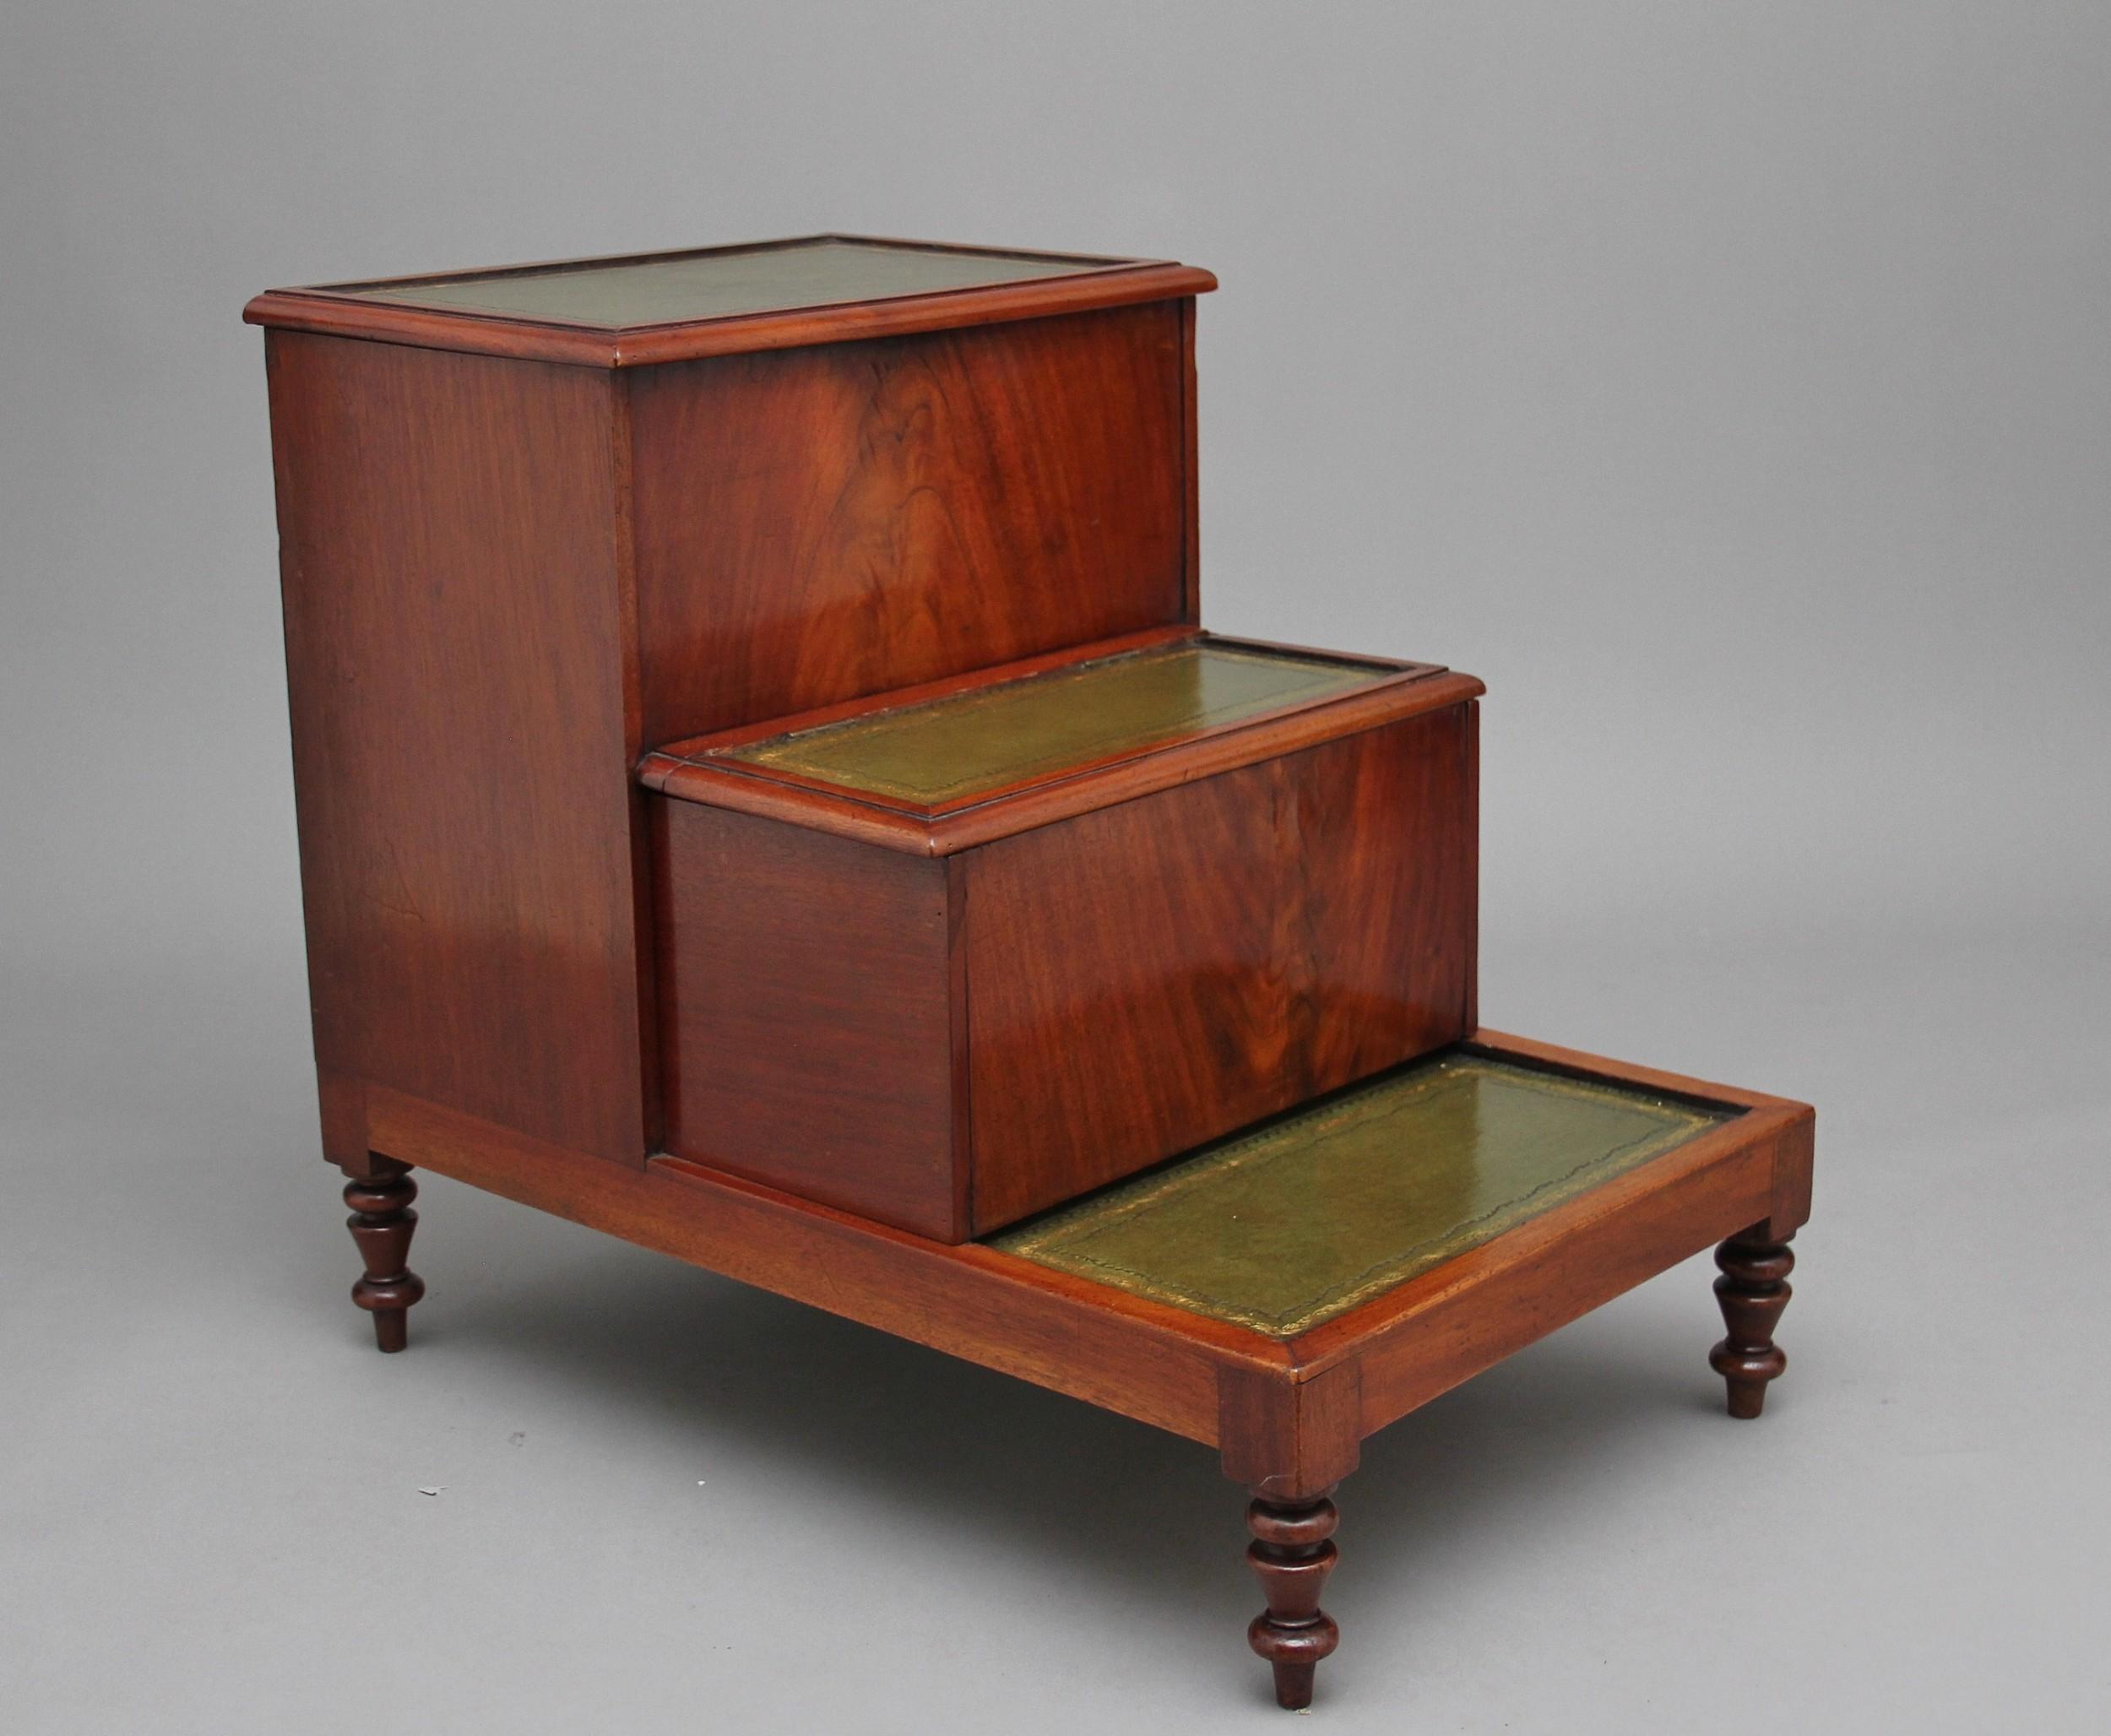 19th century mahogany library steps